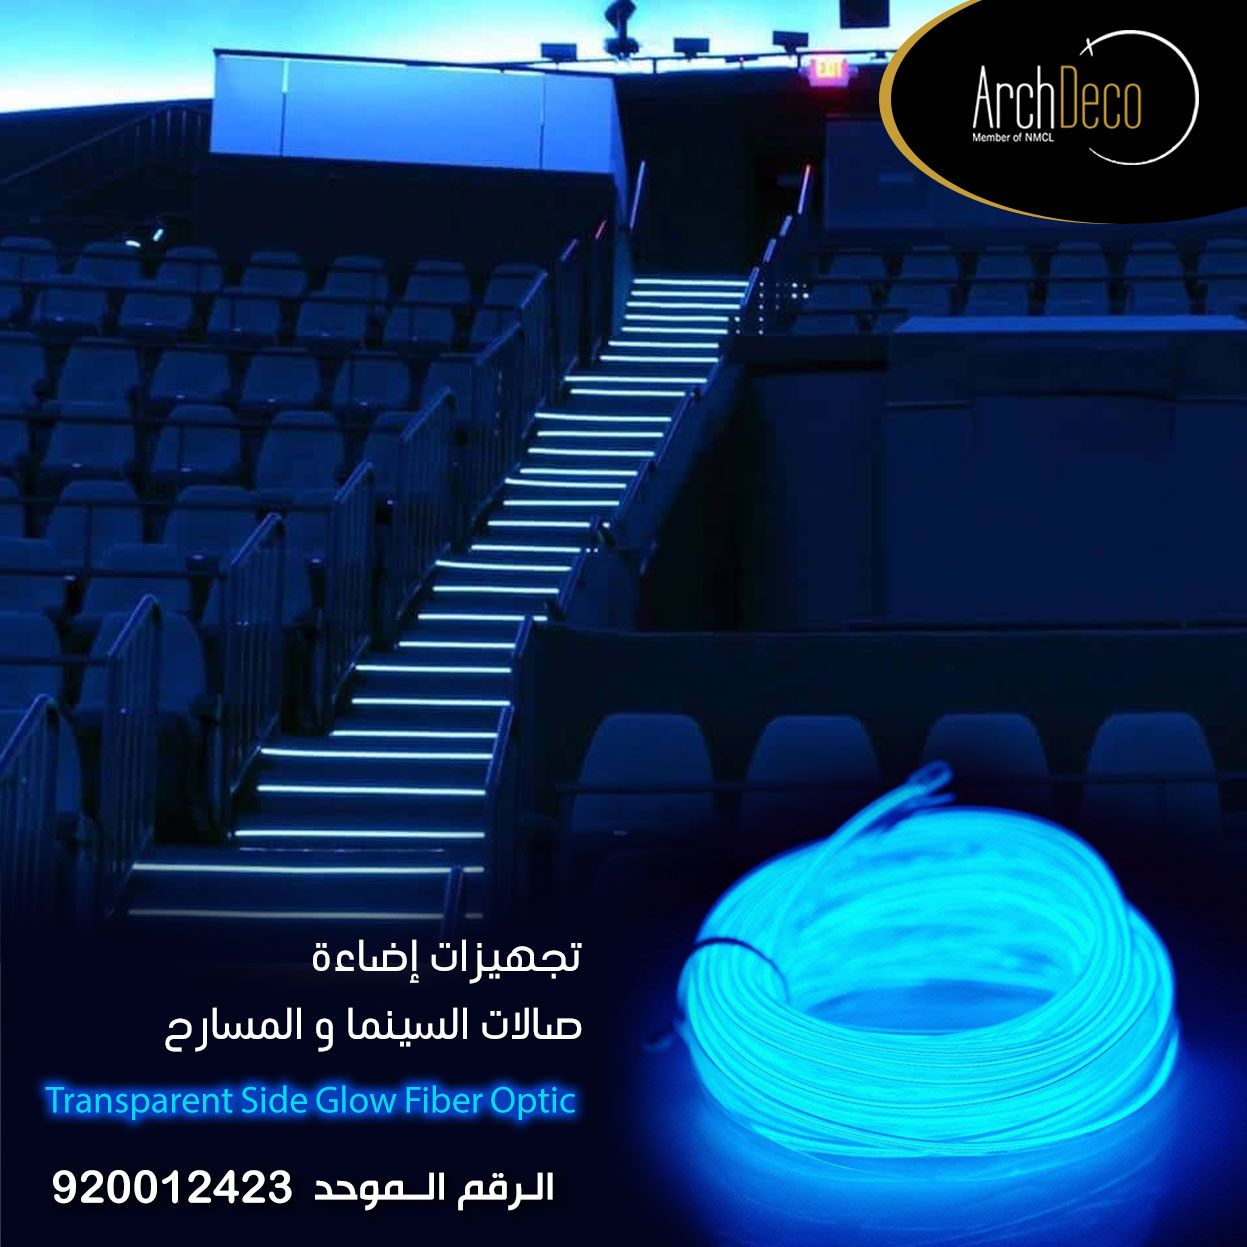 تجهيزات المسارح و السينما In 2021 Fiber Optic Transparent Glow